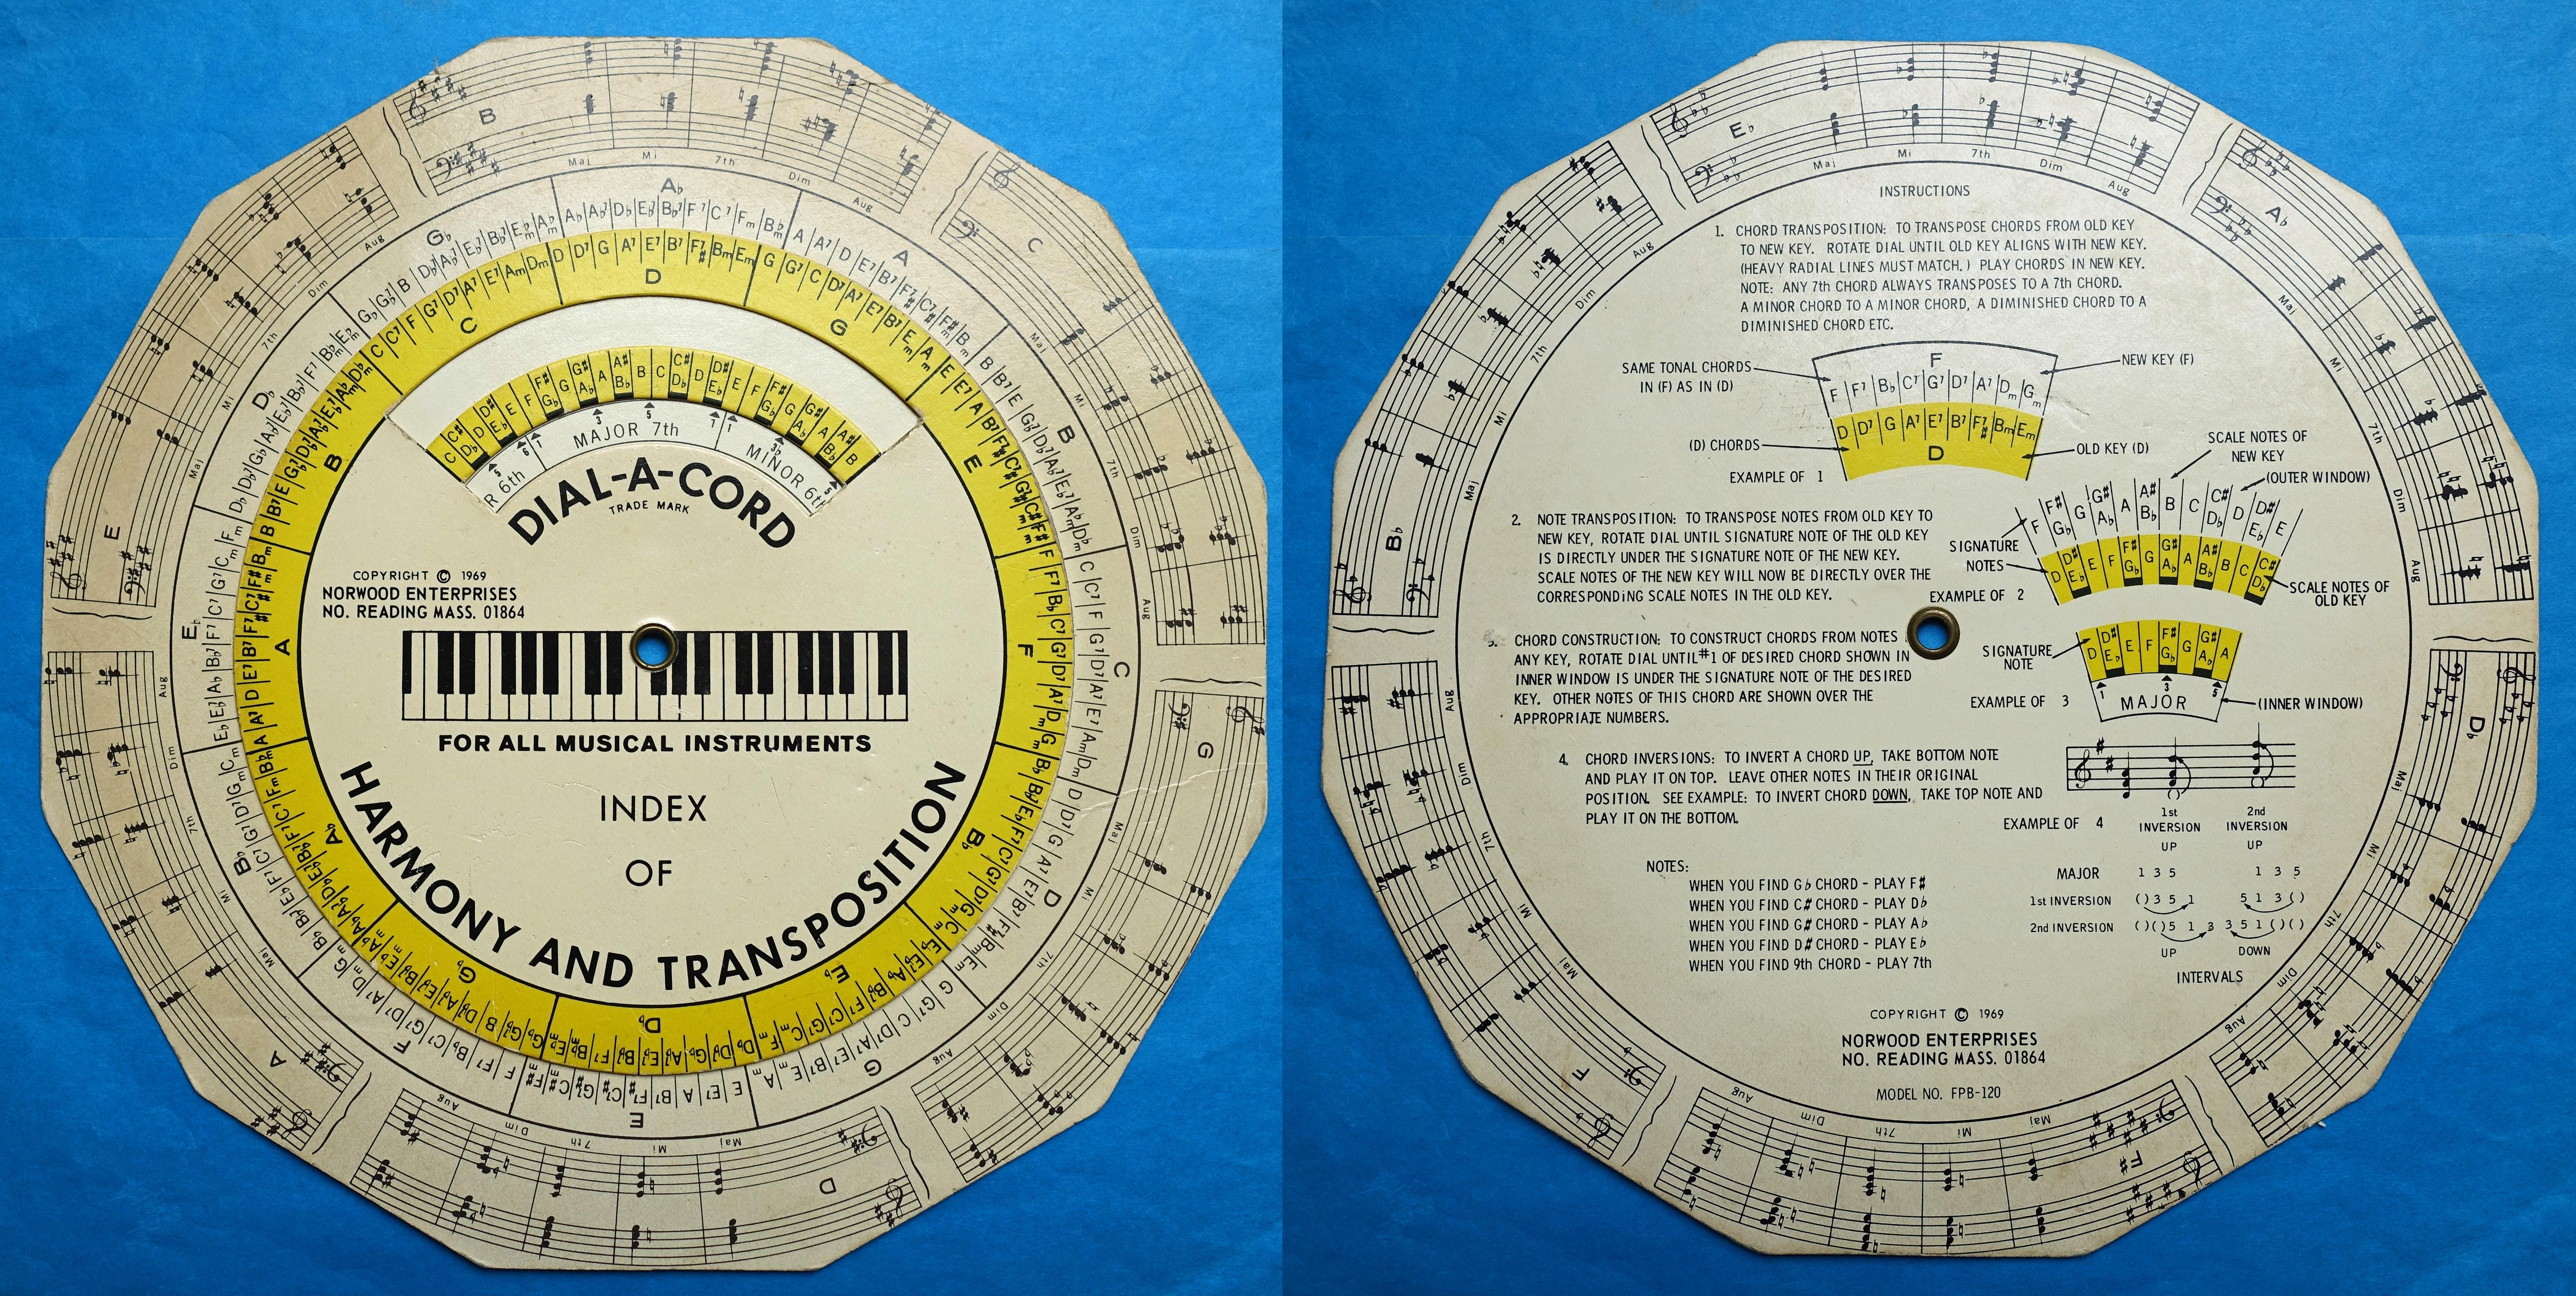 Norwood Enterprises FPB-120 Desktop Music Composition